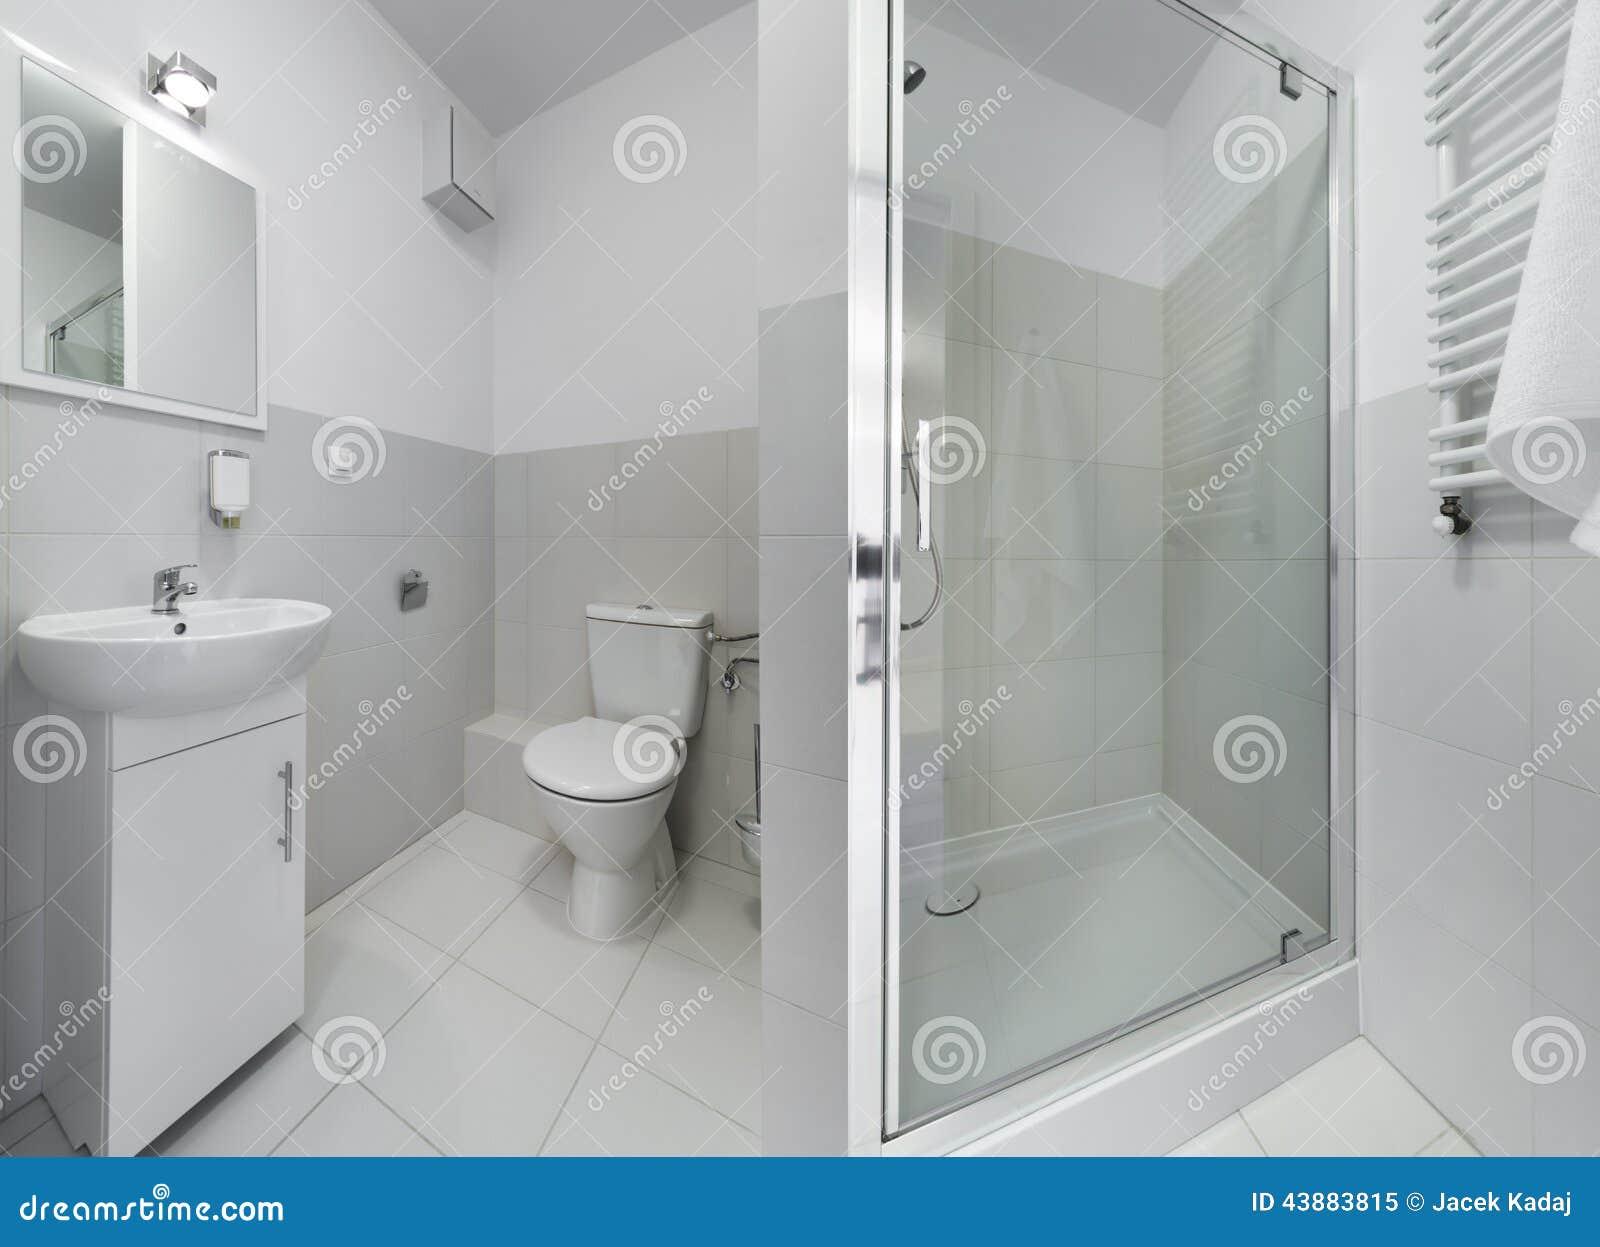 Panorama Do Banheiro Pequeno E Compacto Foto de Stock Imagem  #82A229 1300x1030 Banheiro Bonito E Pequeno